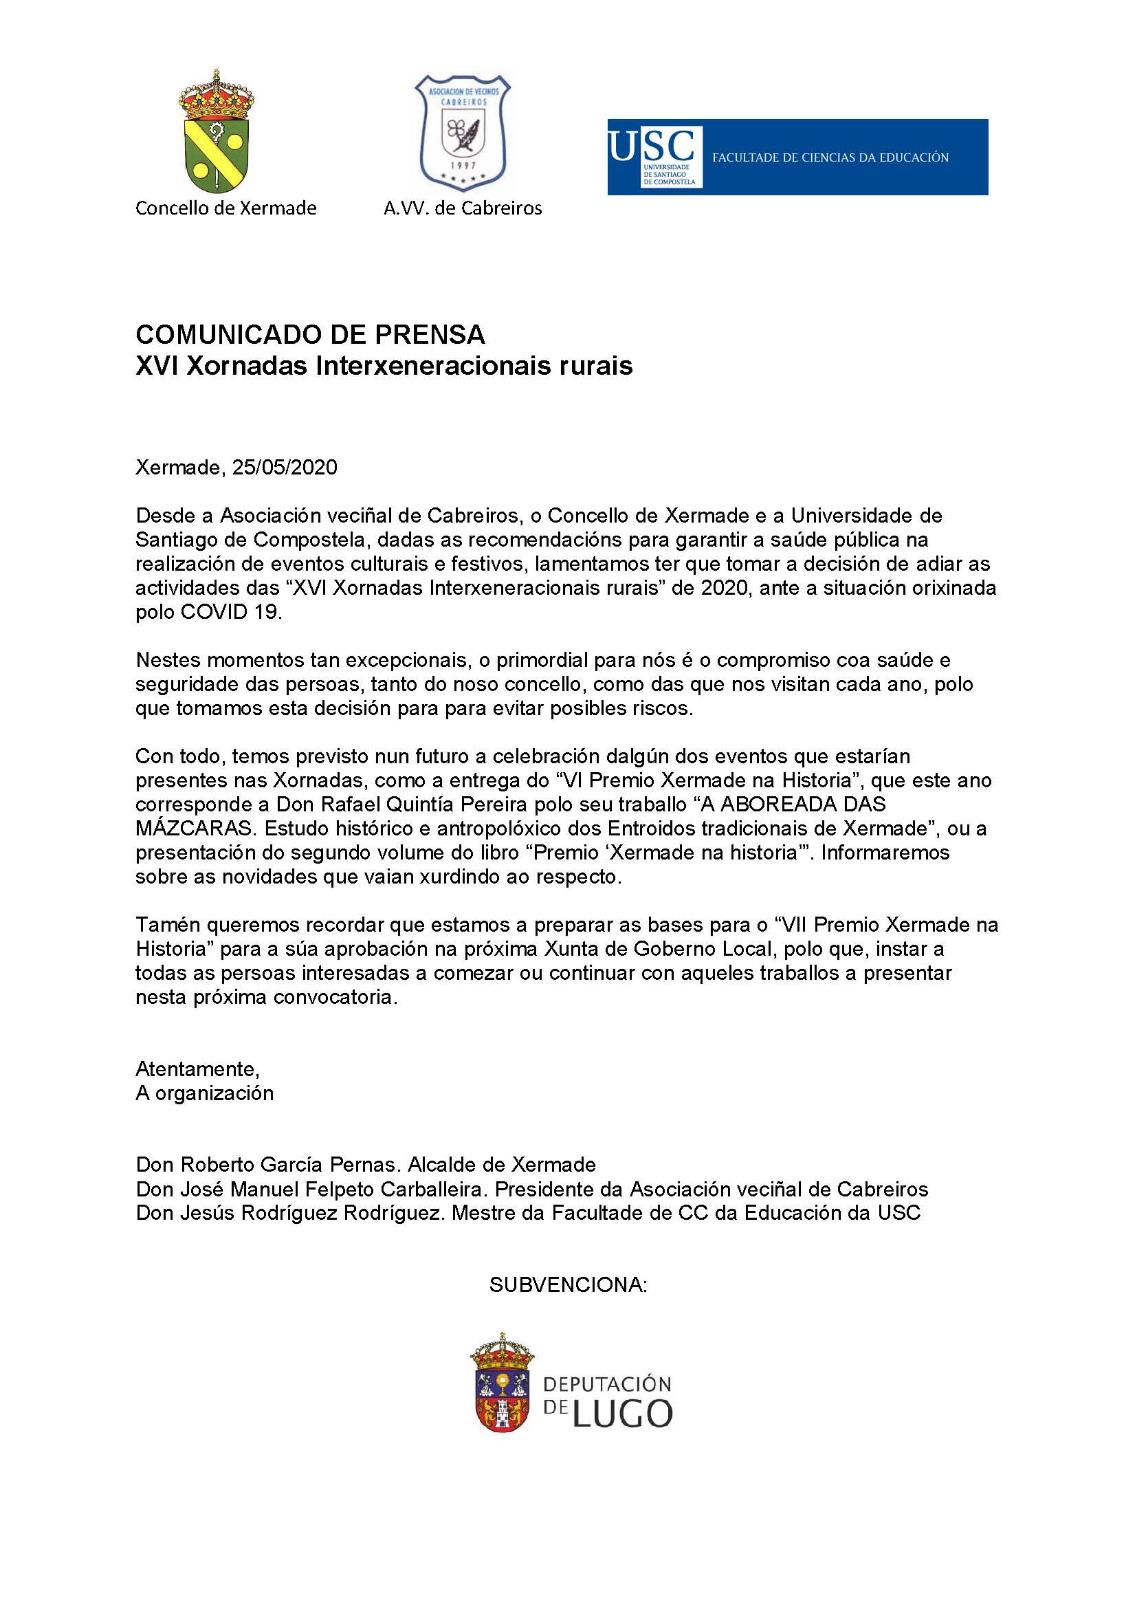 """Aprazamento das actividades da """"XVl Xornadas Interxeneracionais rurais"""""""